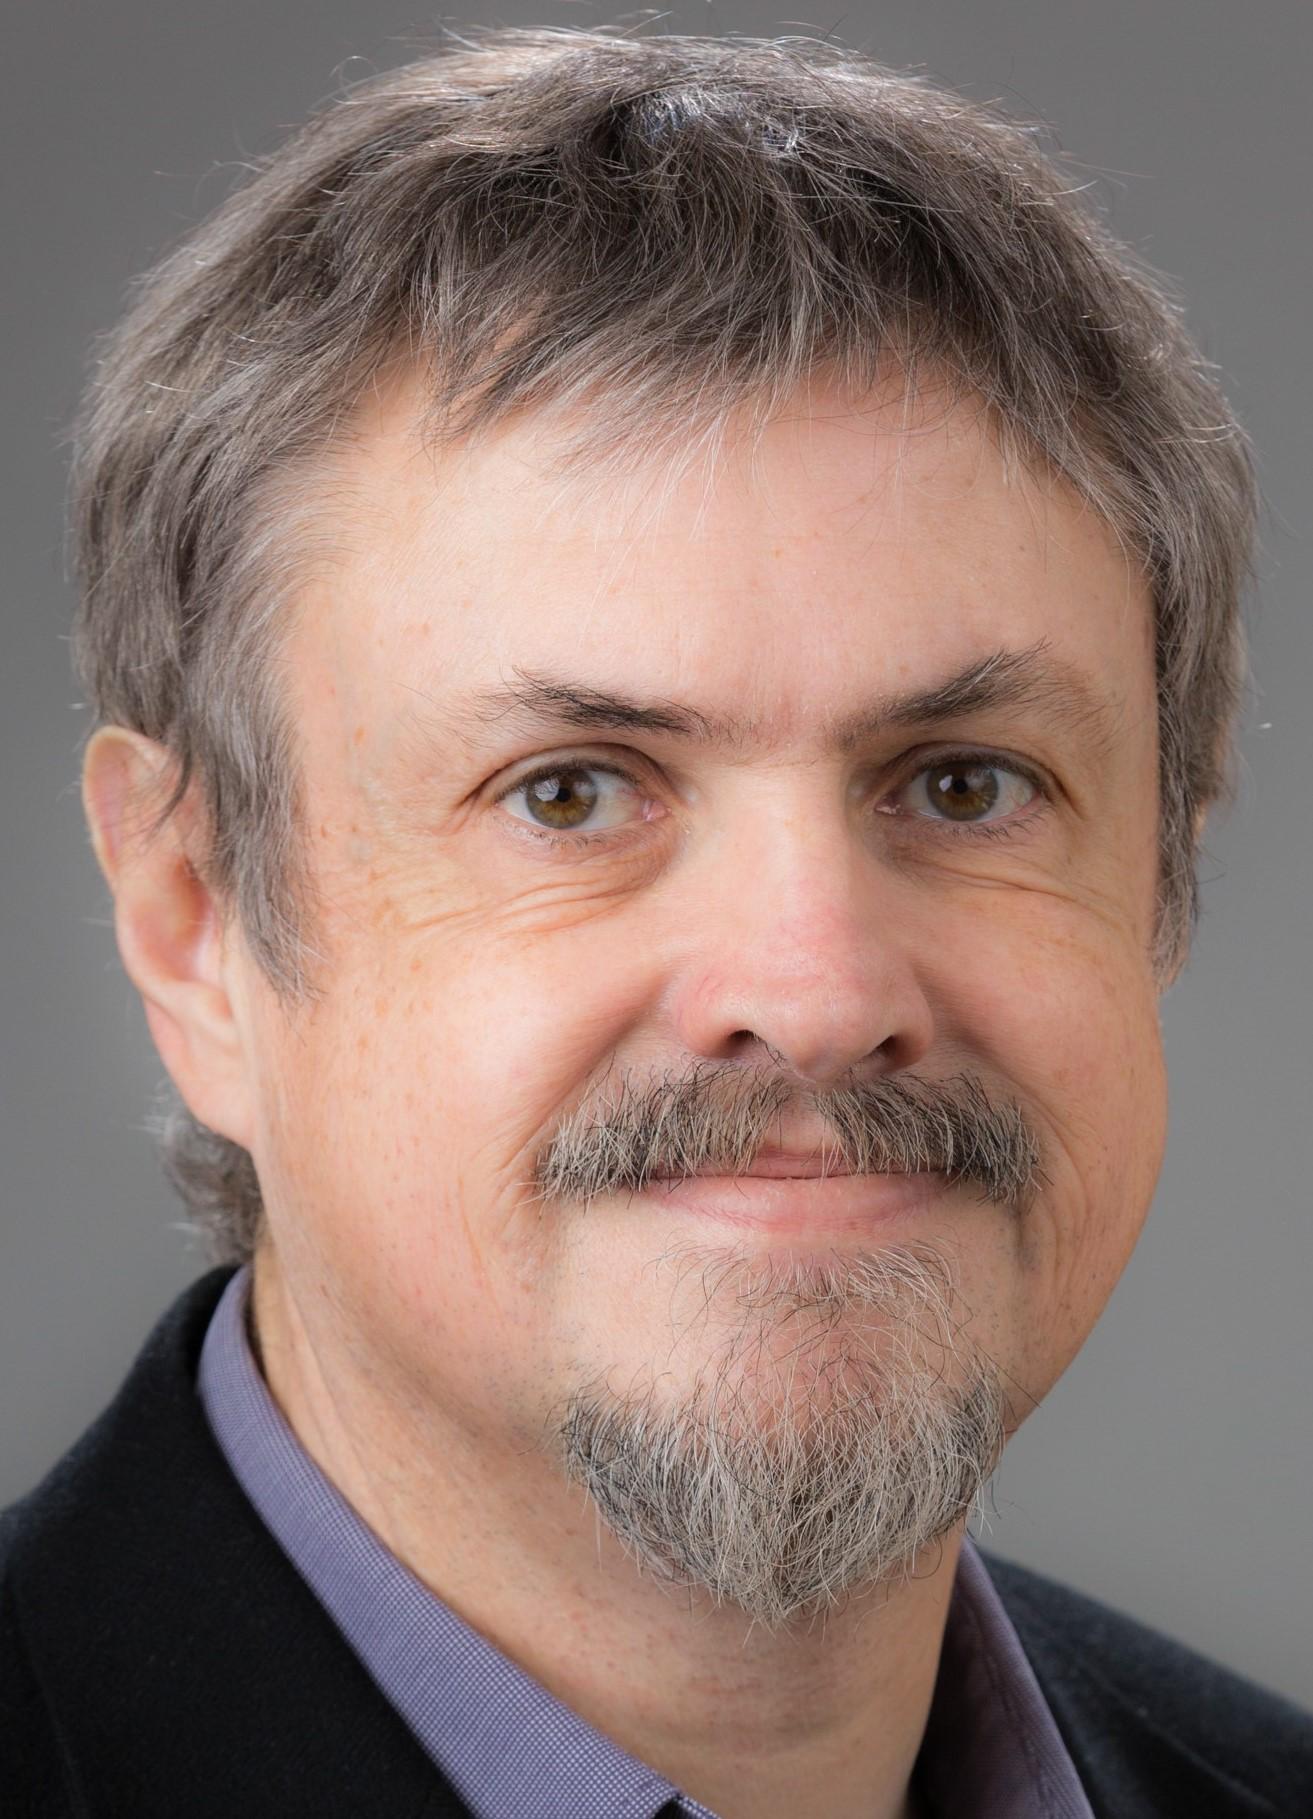 Roberto Cabeza, PhD